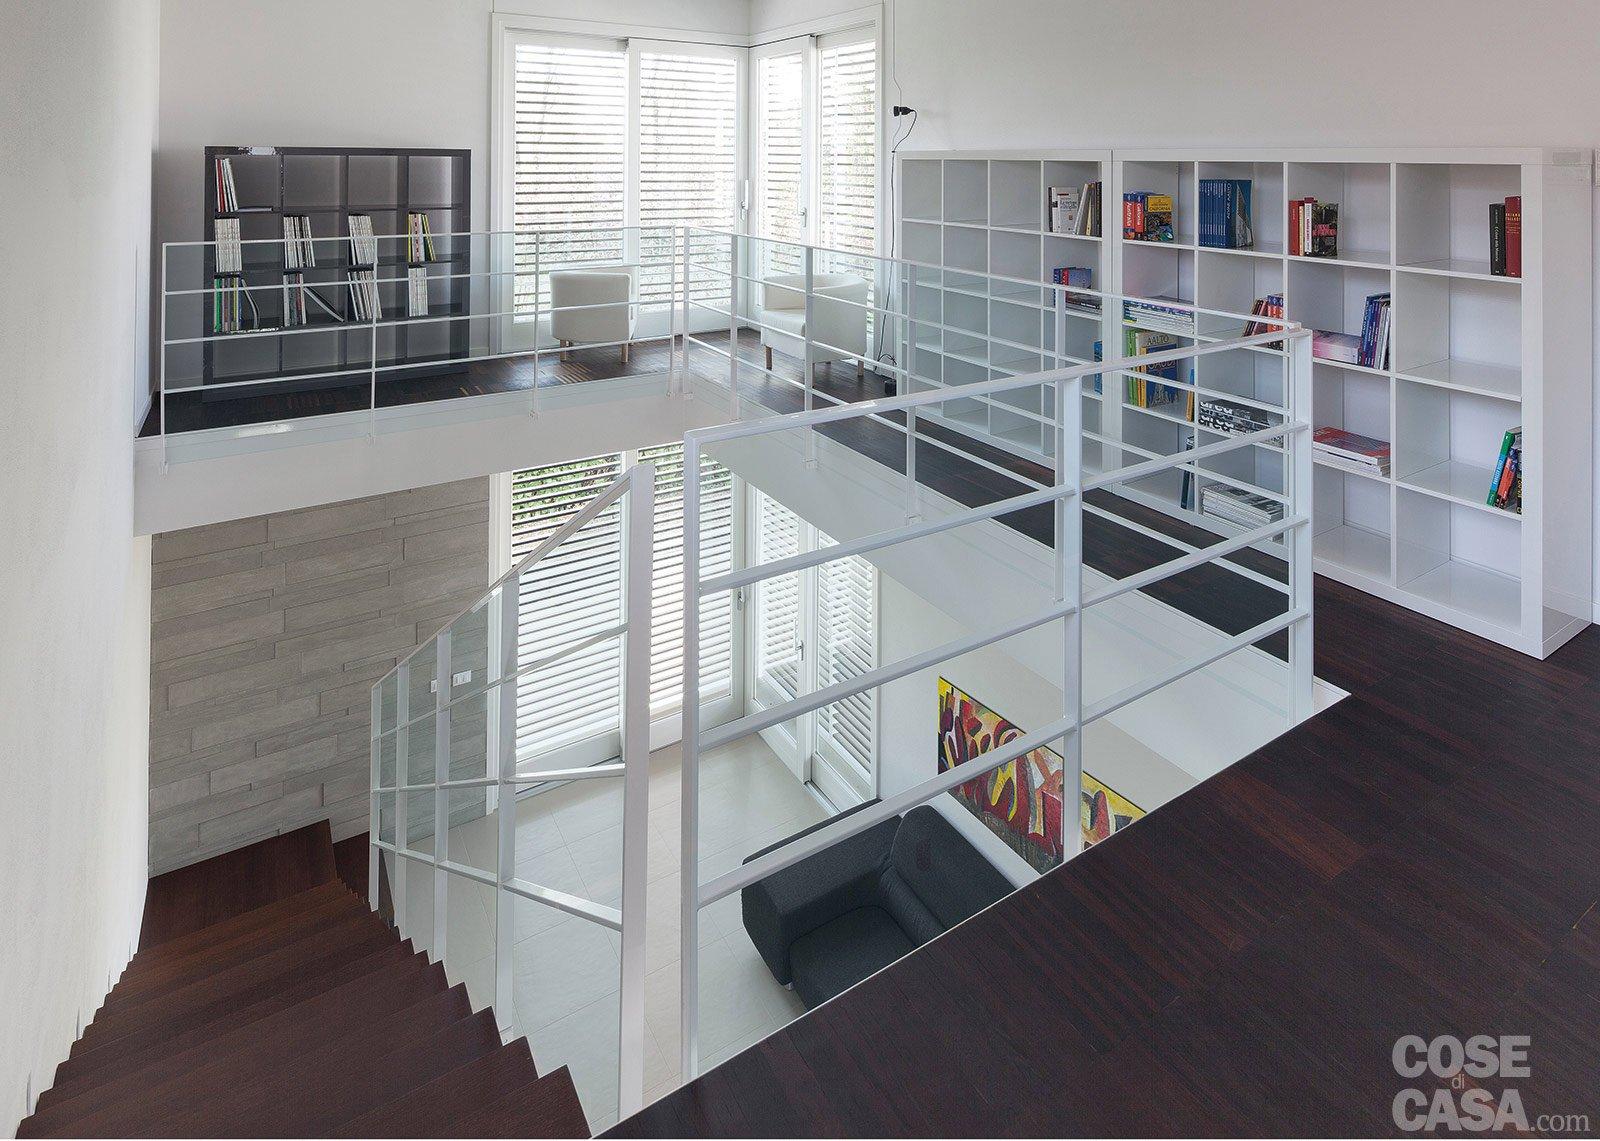 Architetture in piena luce cose di casa for Piani a pianta doppia con seminterrato